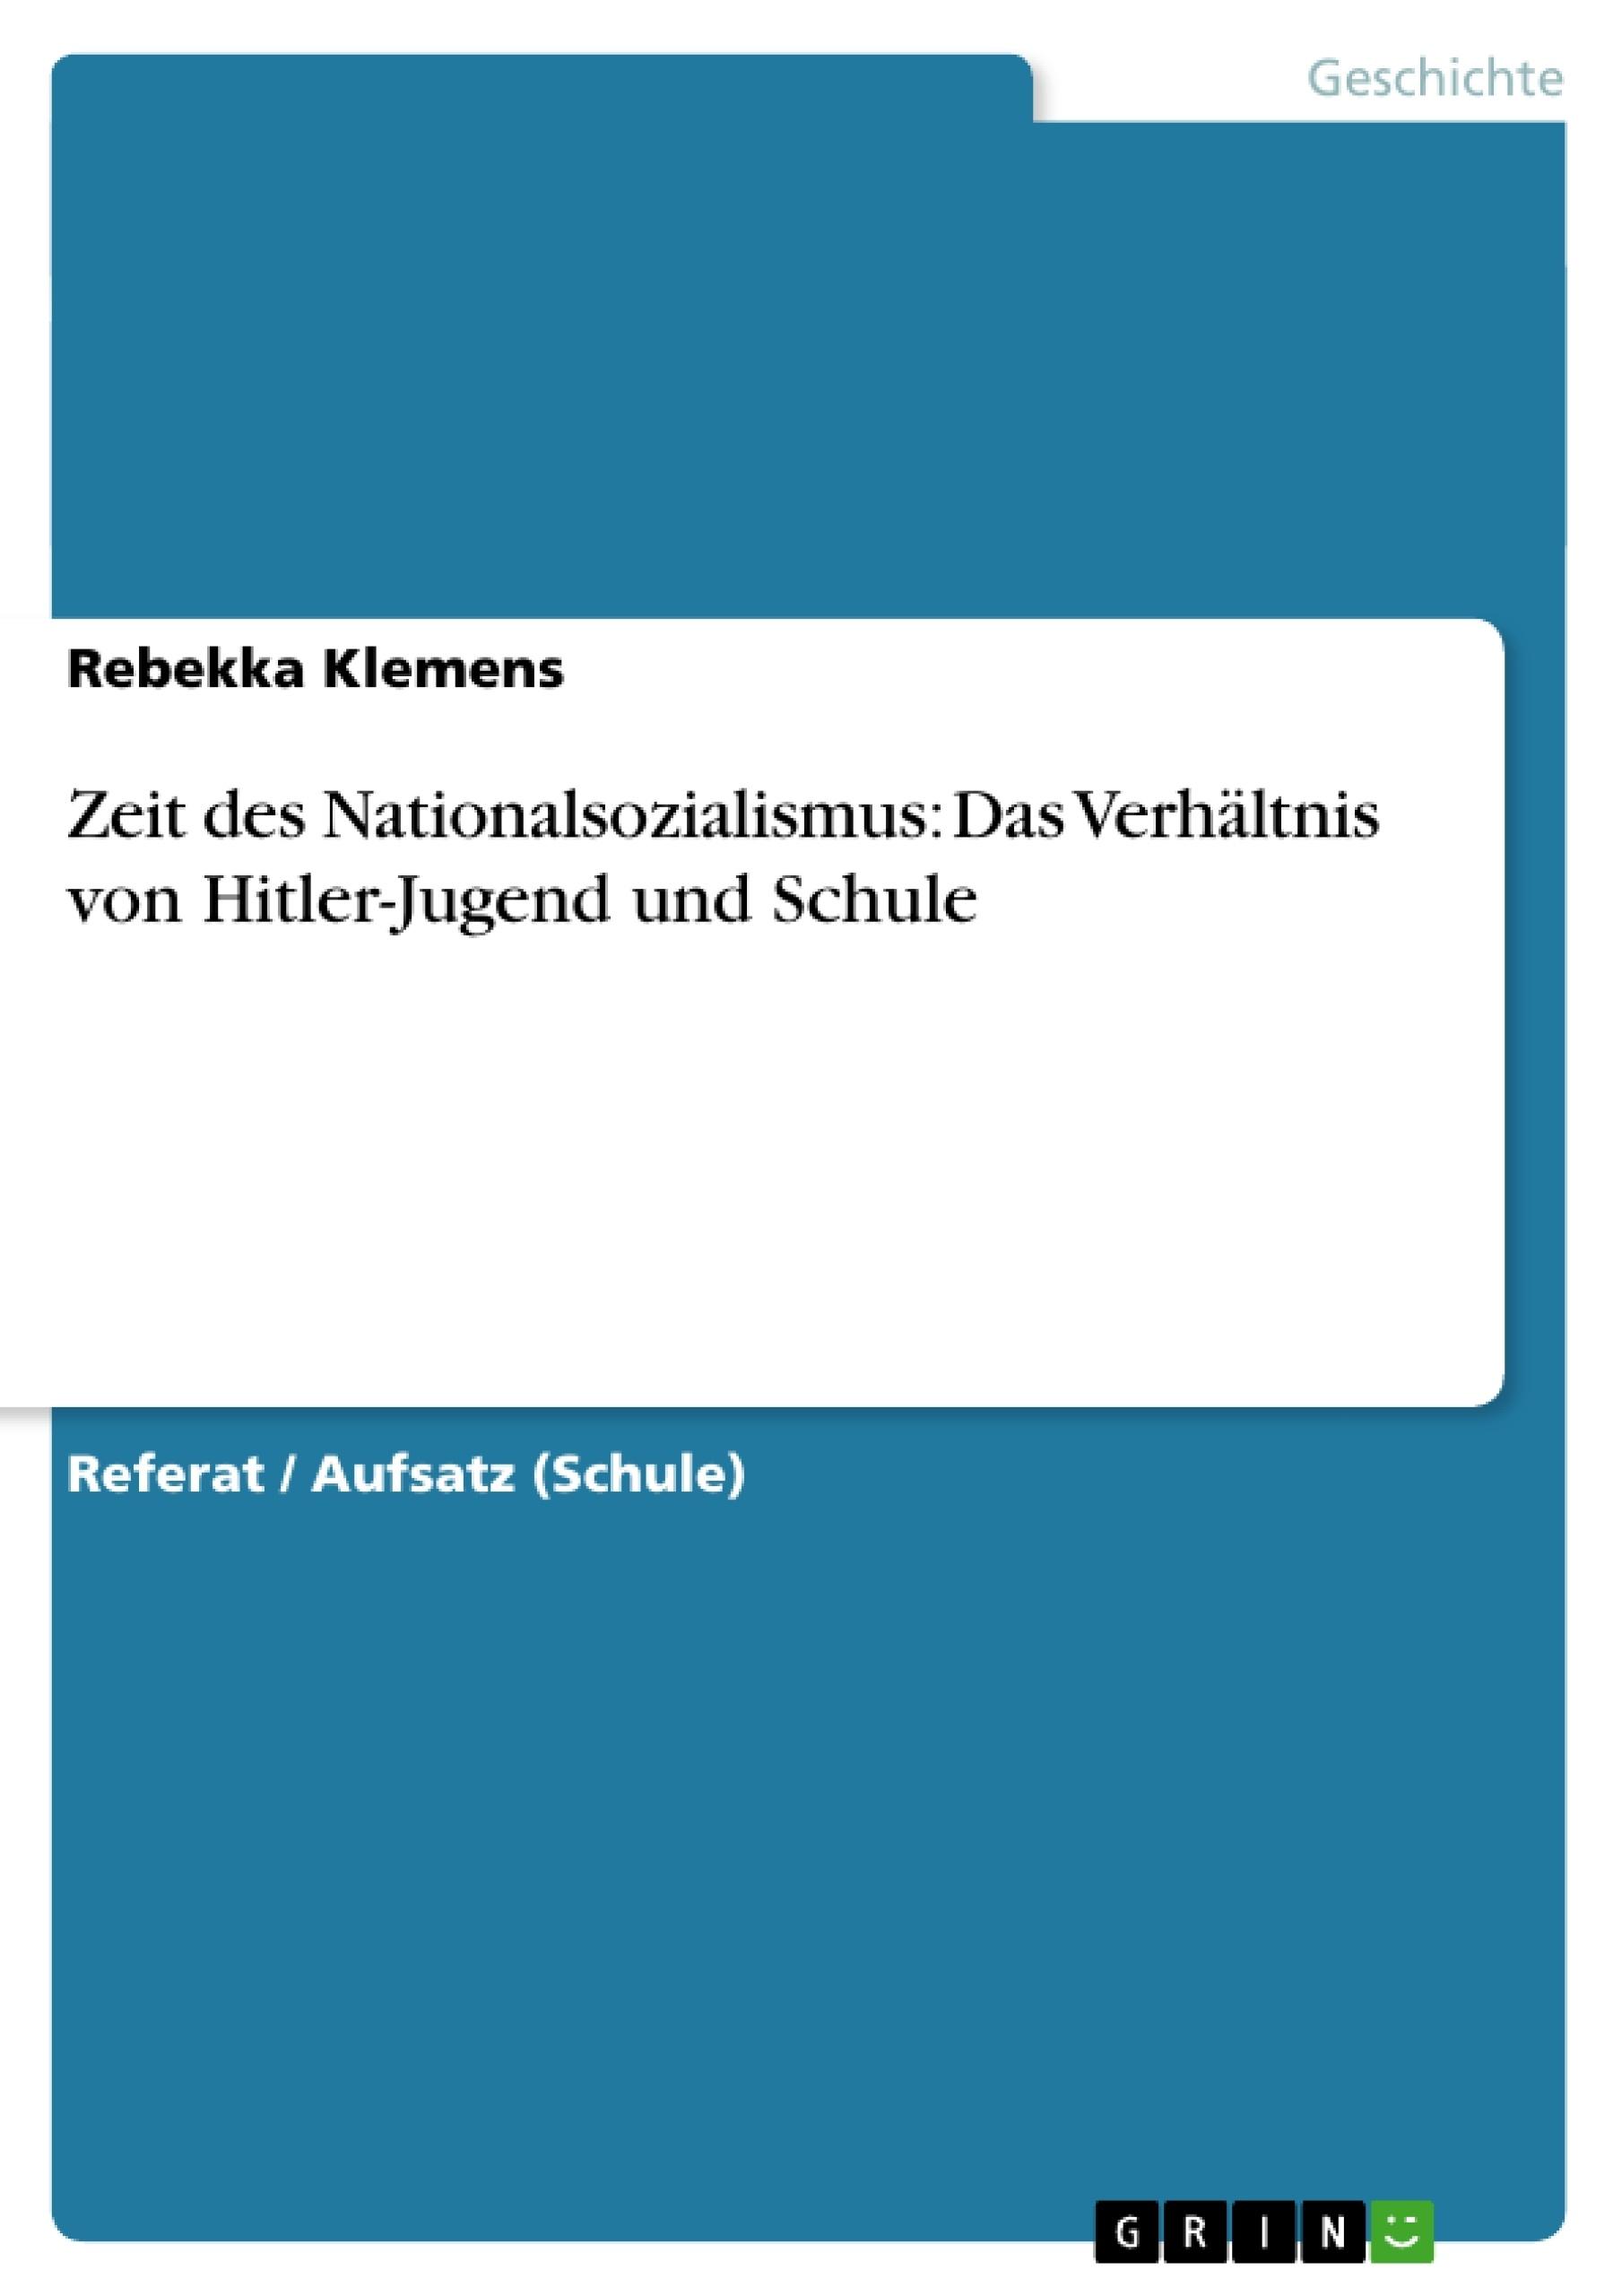 Titel: Zeit des Nationalsozialismus: Das Verhältnis von Hitler-Jugend und Schule